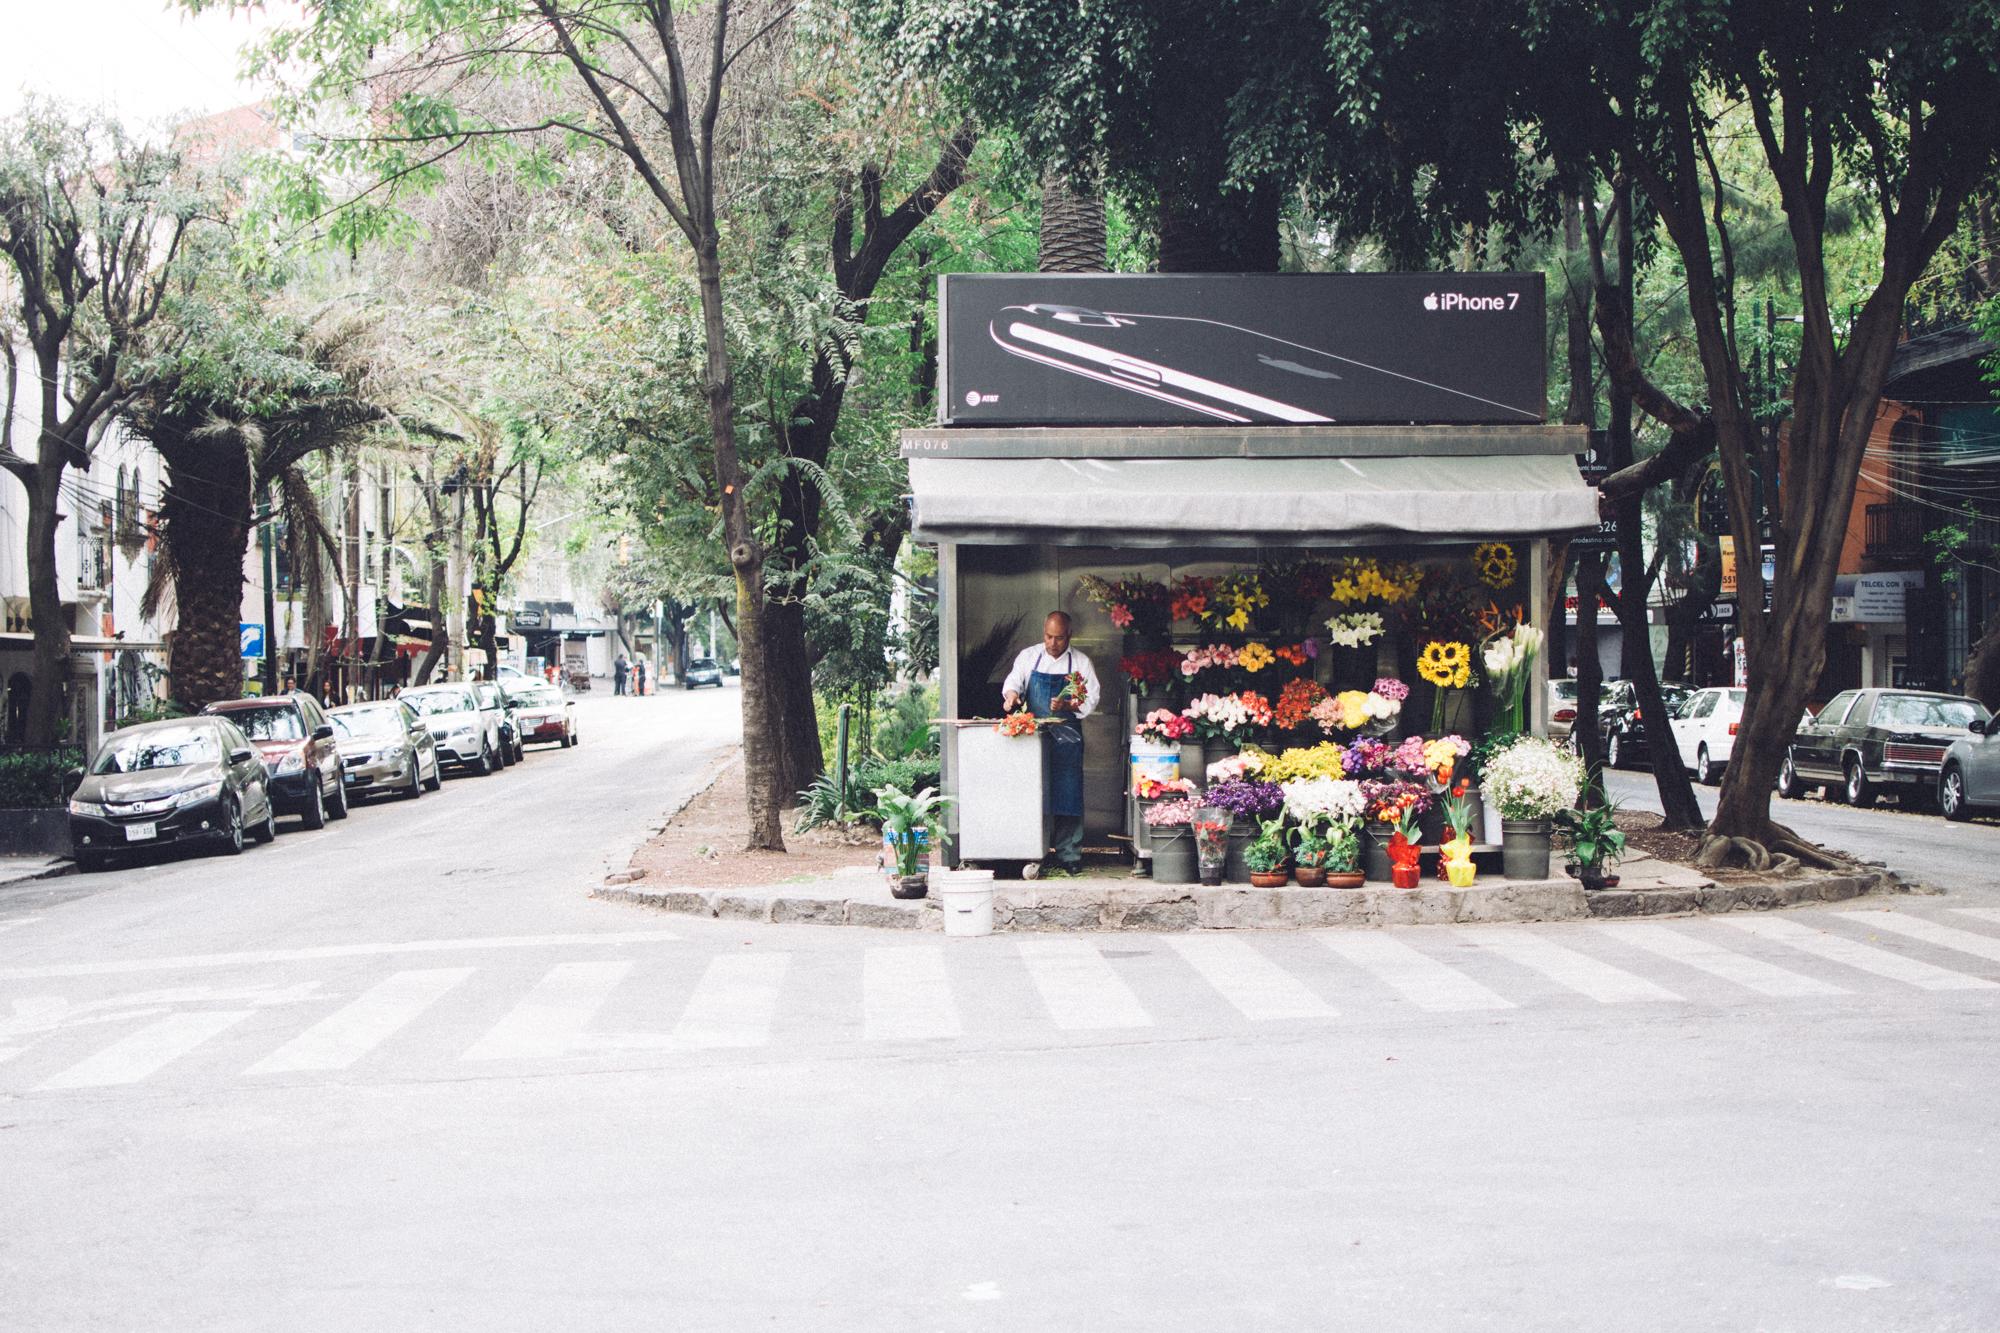 Kyle Studstill_photojournal_travel_Mexico City-2.jpg